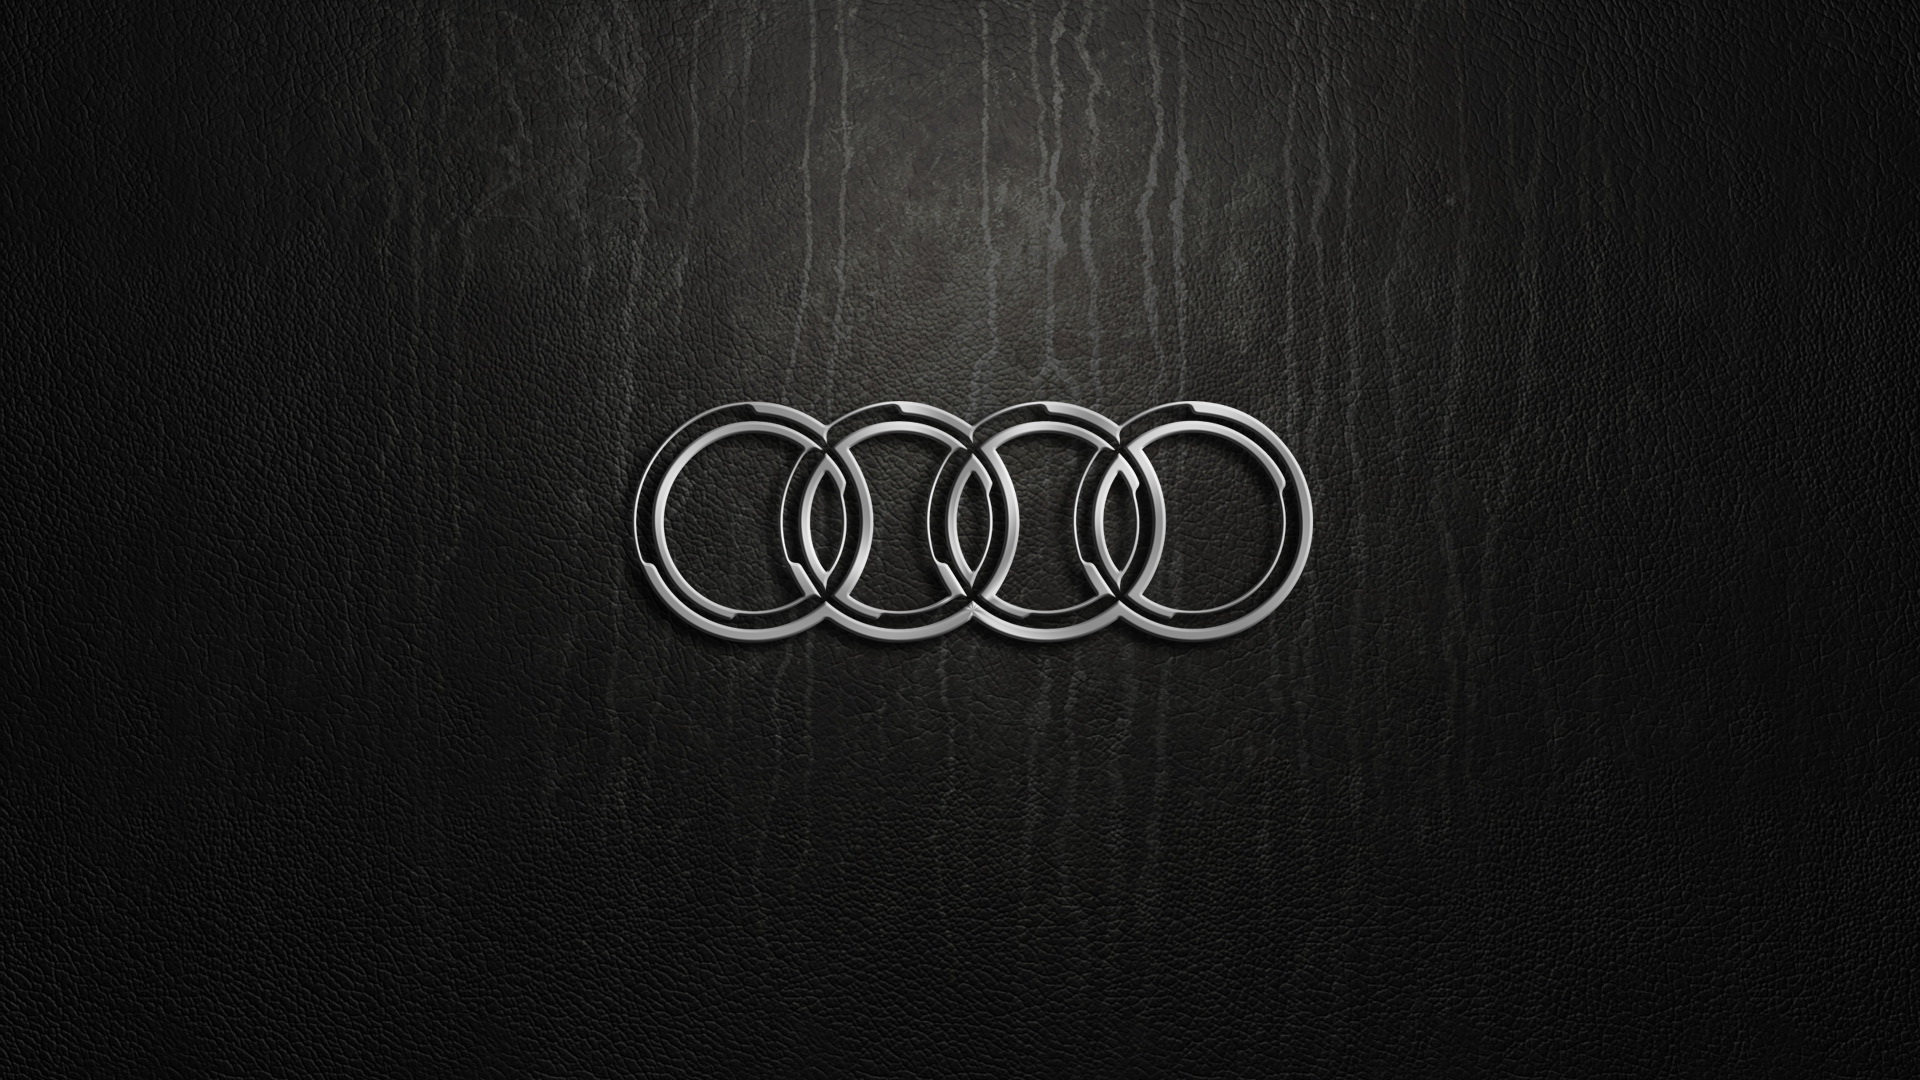 audi-logo-wallpaper-548.jpg